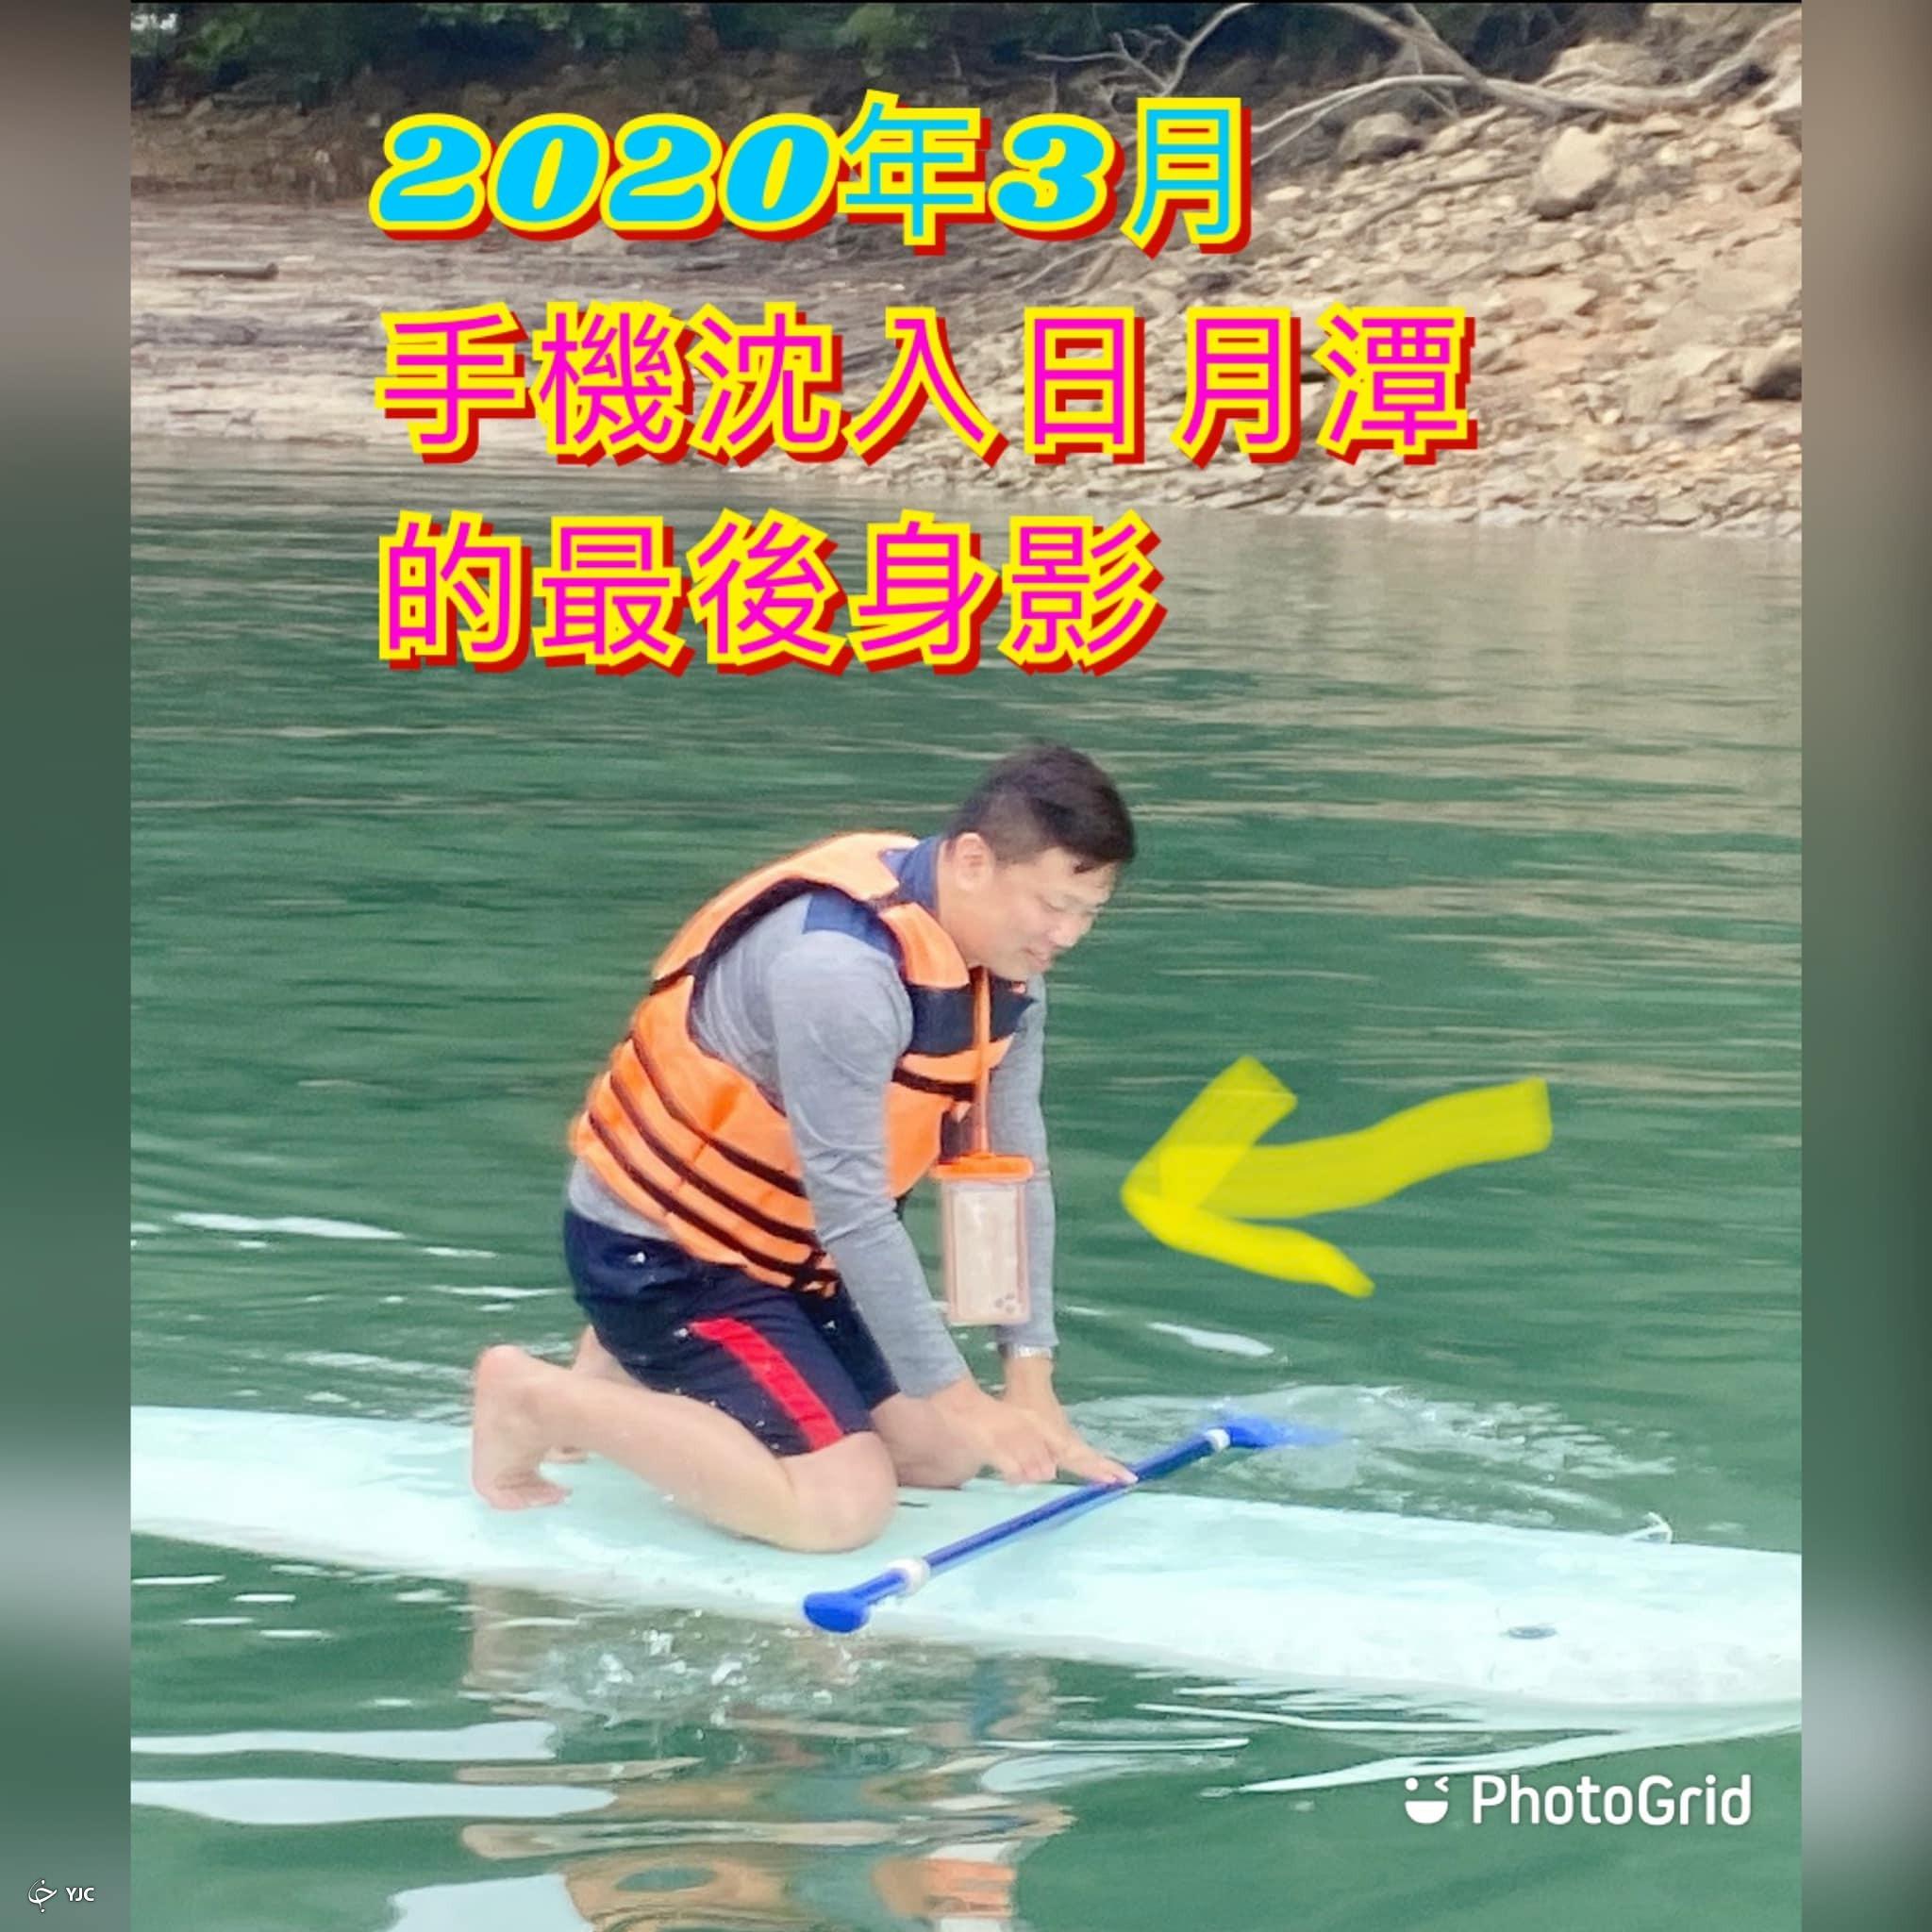 حیرت مرد تایوانی